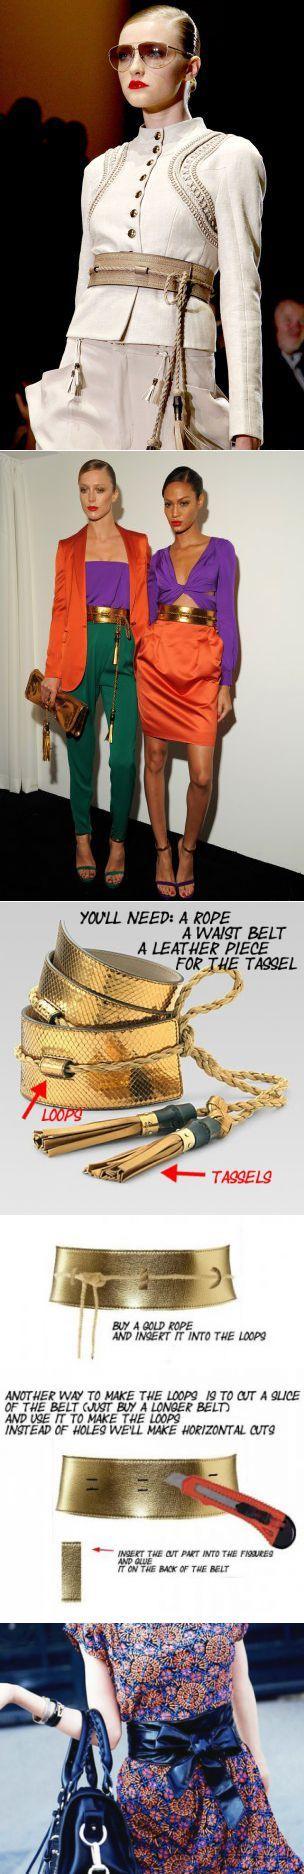 Как сшить женский пояс оби - кушак: выкройка c описанием | Hand made_Рукоделие. Сделай сам! | Постила